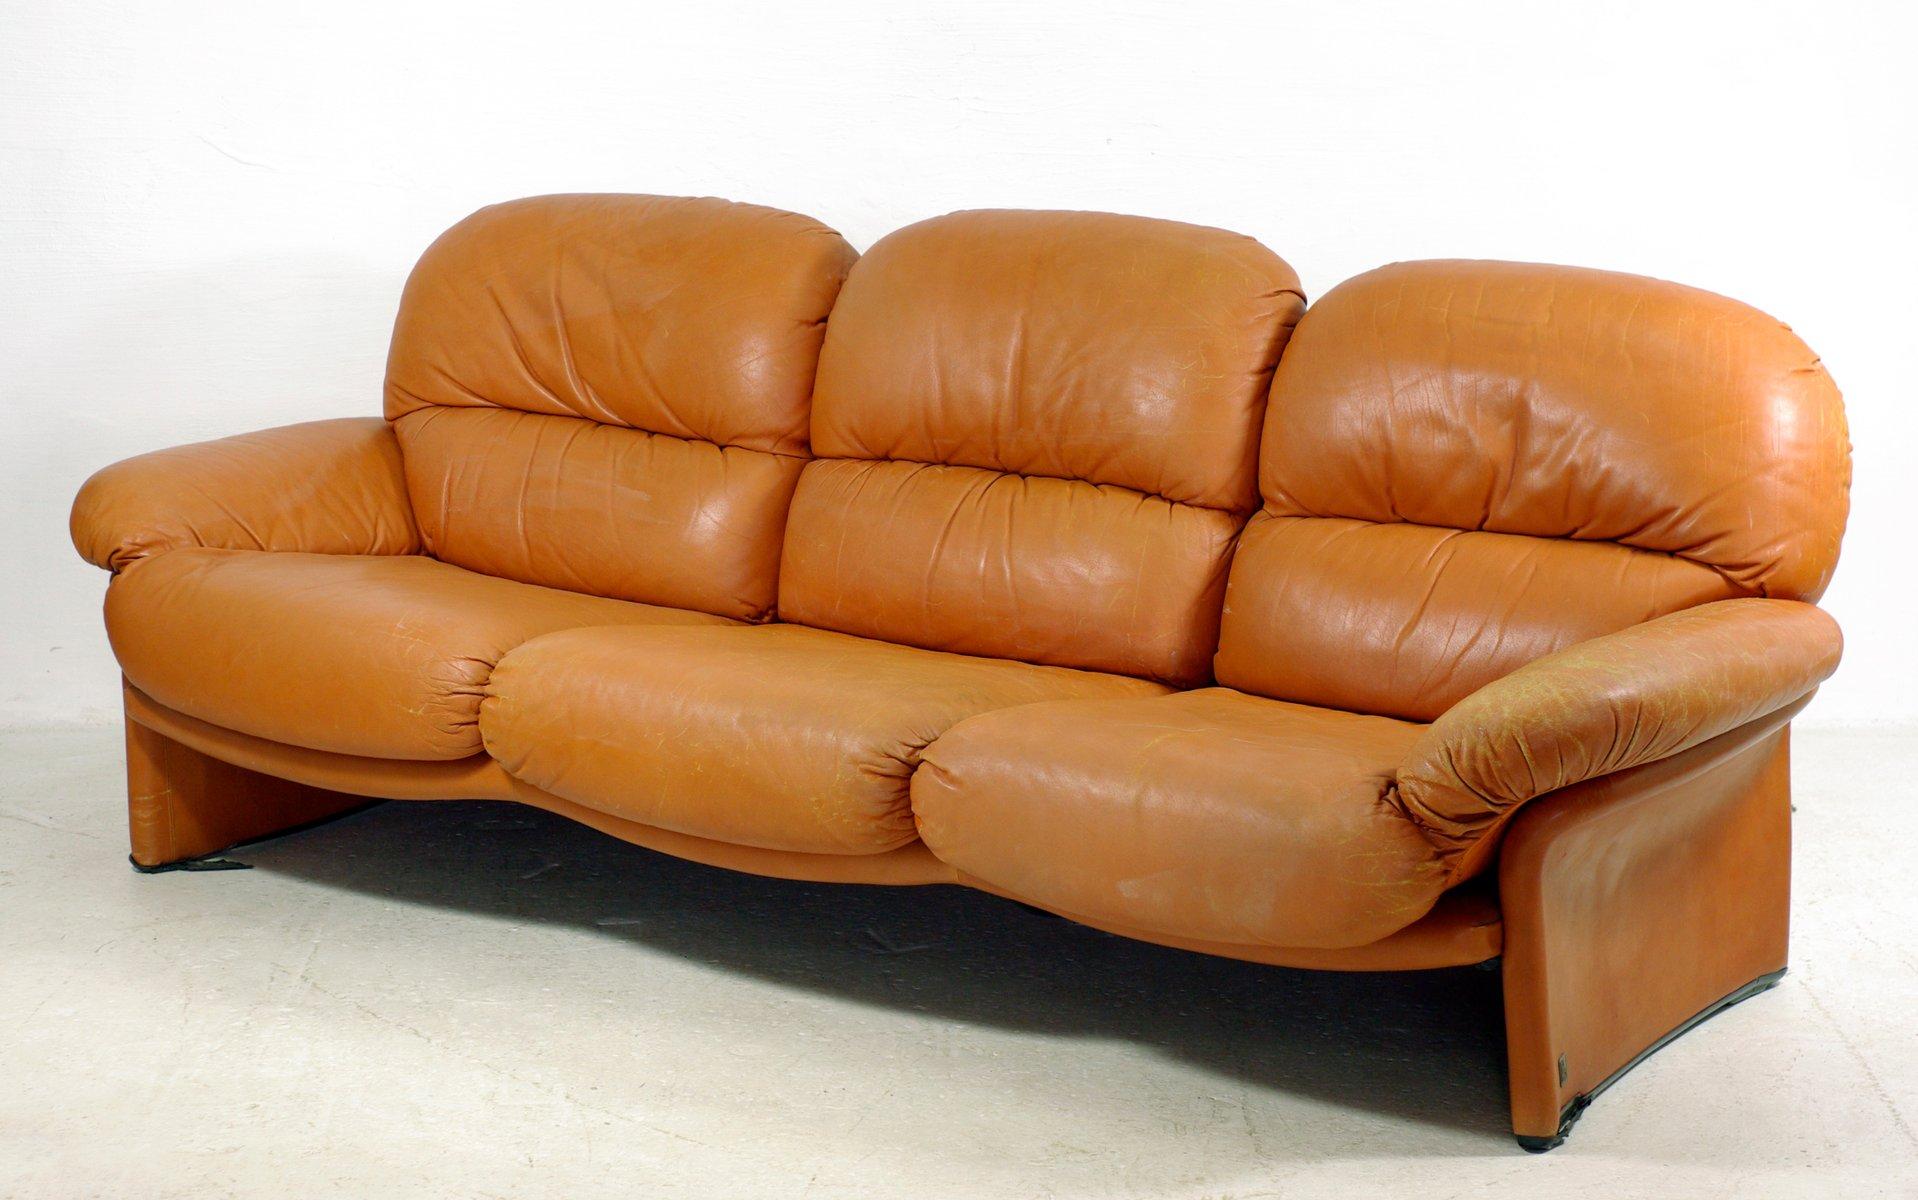 italienisches vintage 3 sitzer leder sofa von busnelli bei pamono kaufen. Black Bedroom Furniture Sets. Home Design Ideas